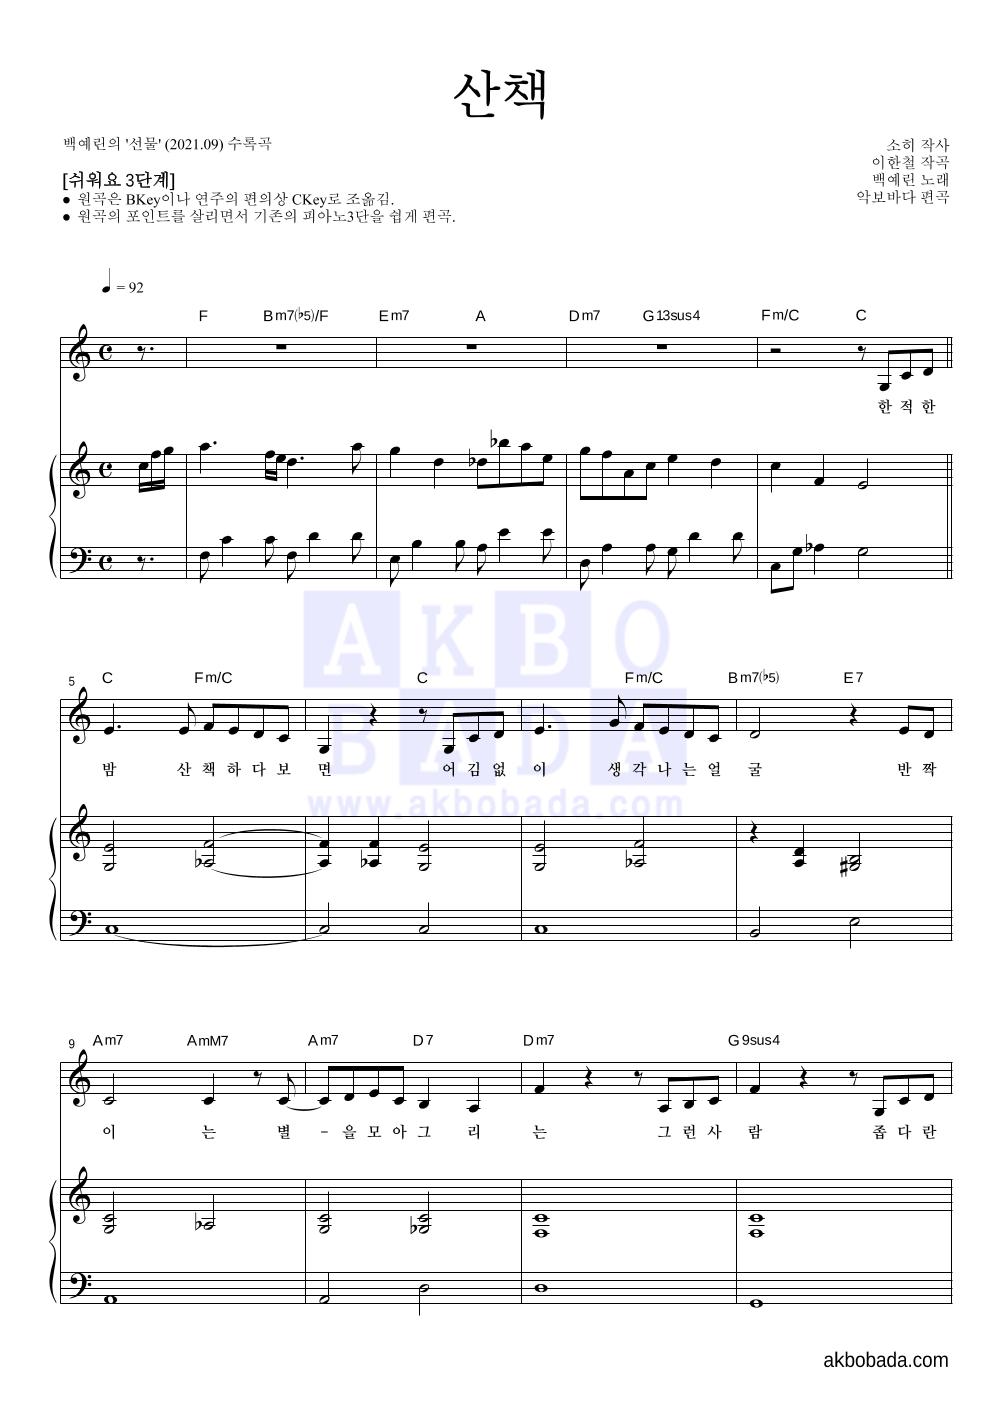 백예린 - 산책 피아노3단-쉬워요 악보